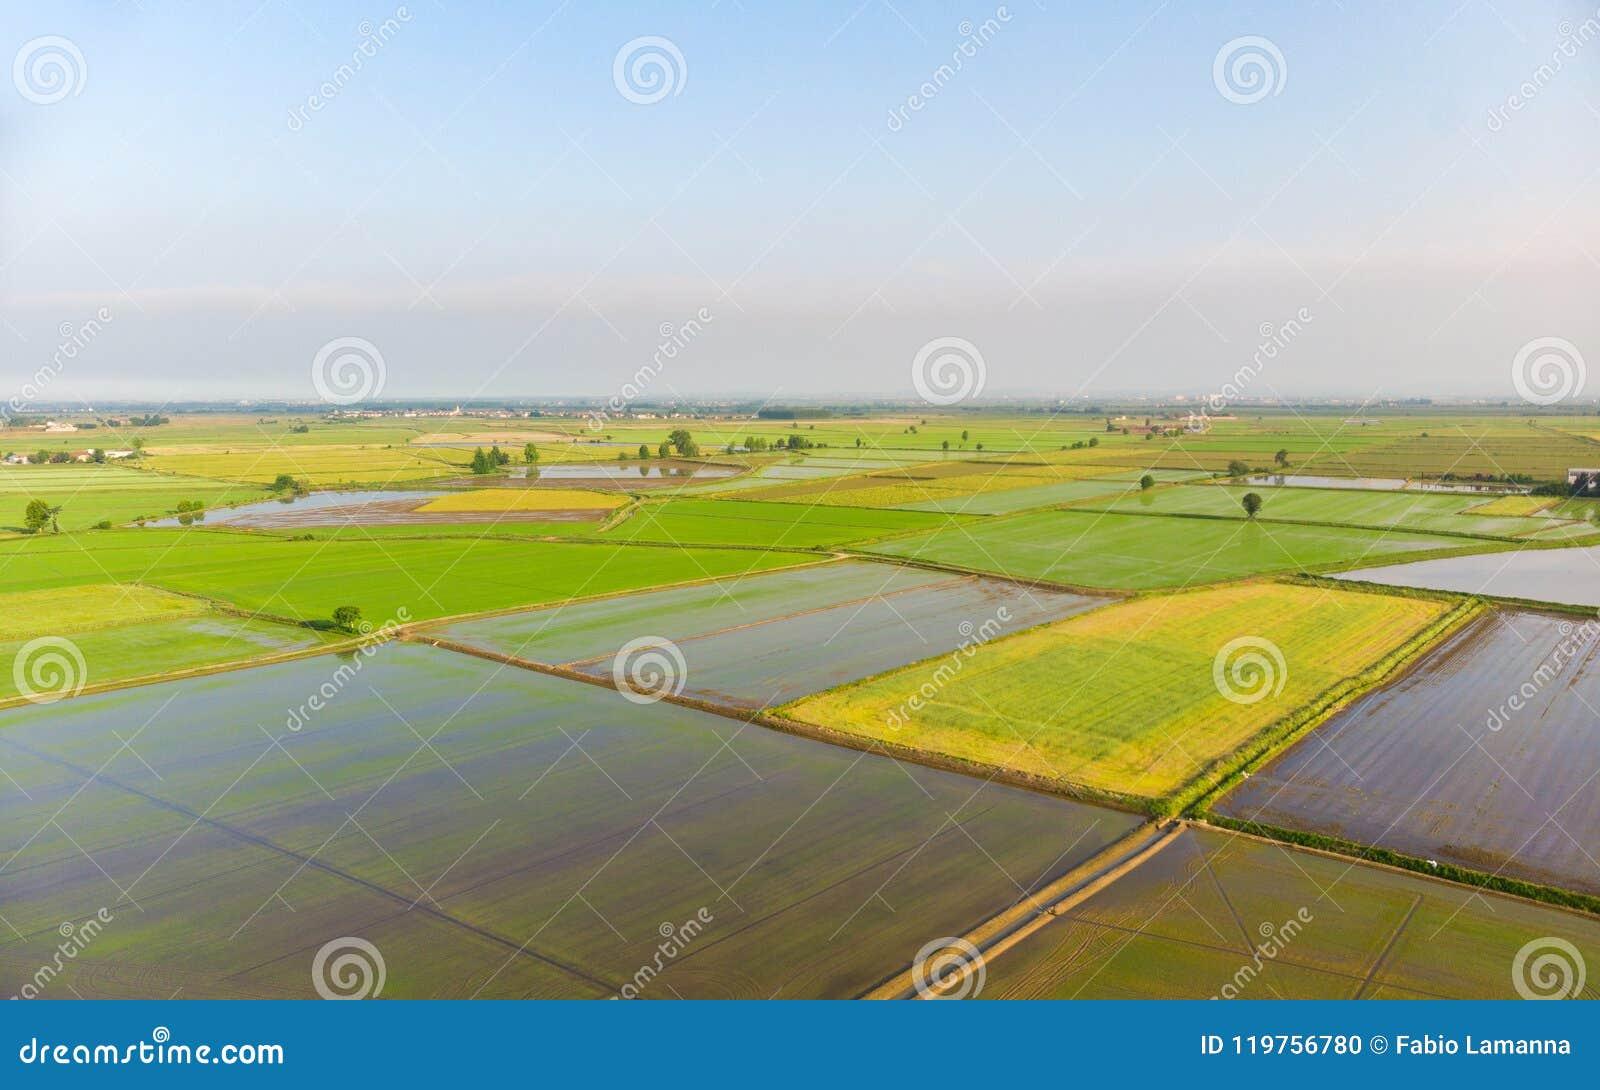 Antena: ryżowi irlandczycy, zalewająca kultywująca pole ziemi uprawnej wiejska włoska wieś, rolnictwa zajęcie, sprintime w Podgór